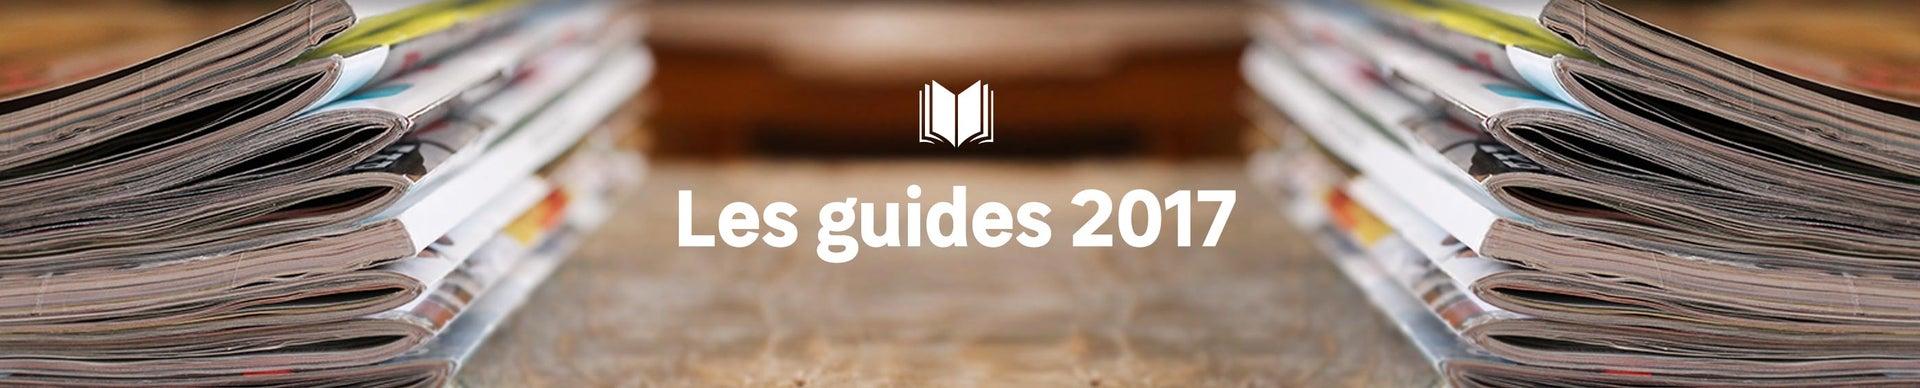 accueil guides 2017